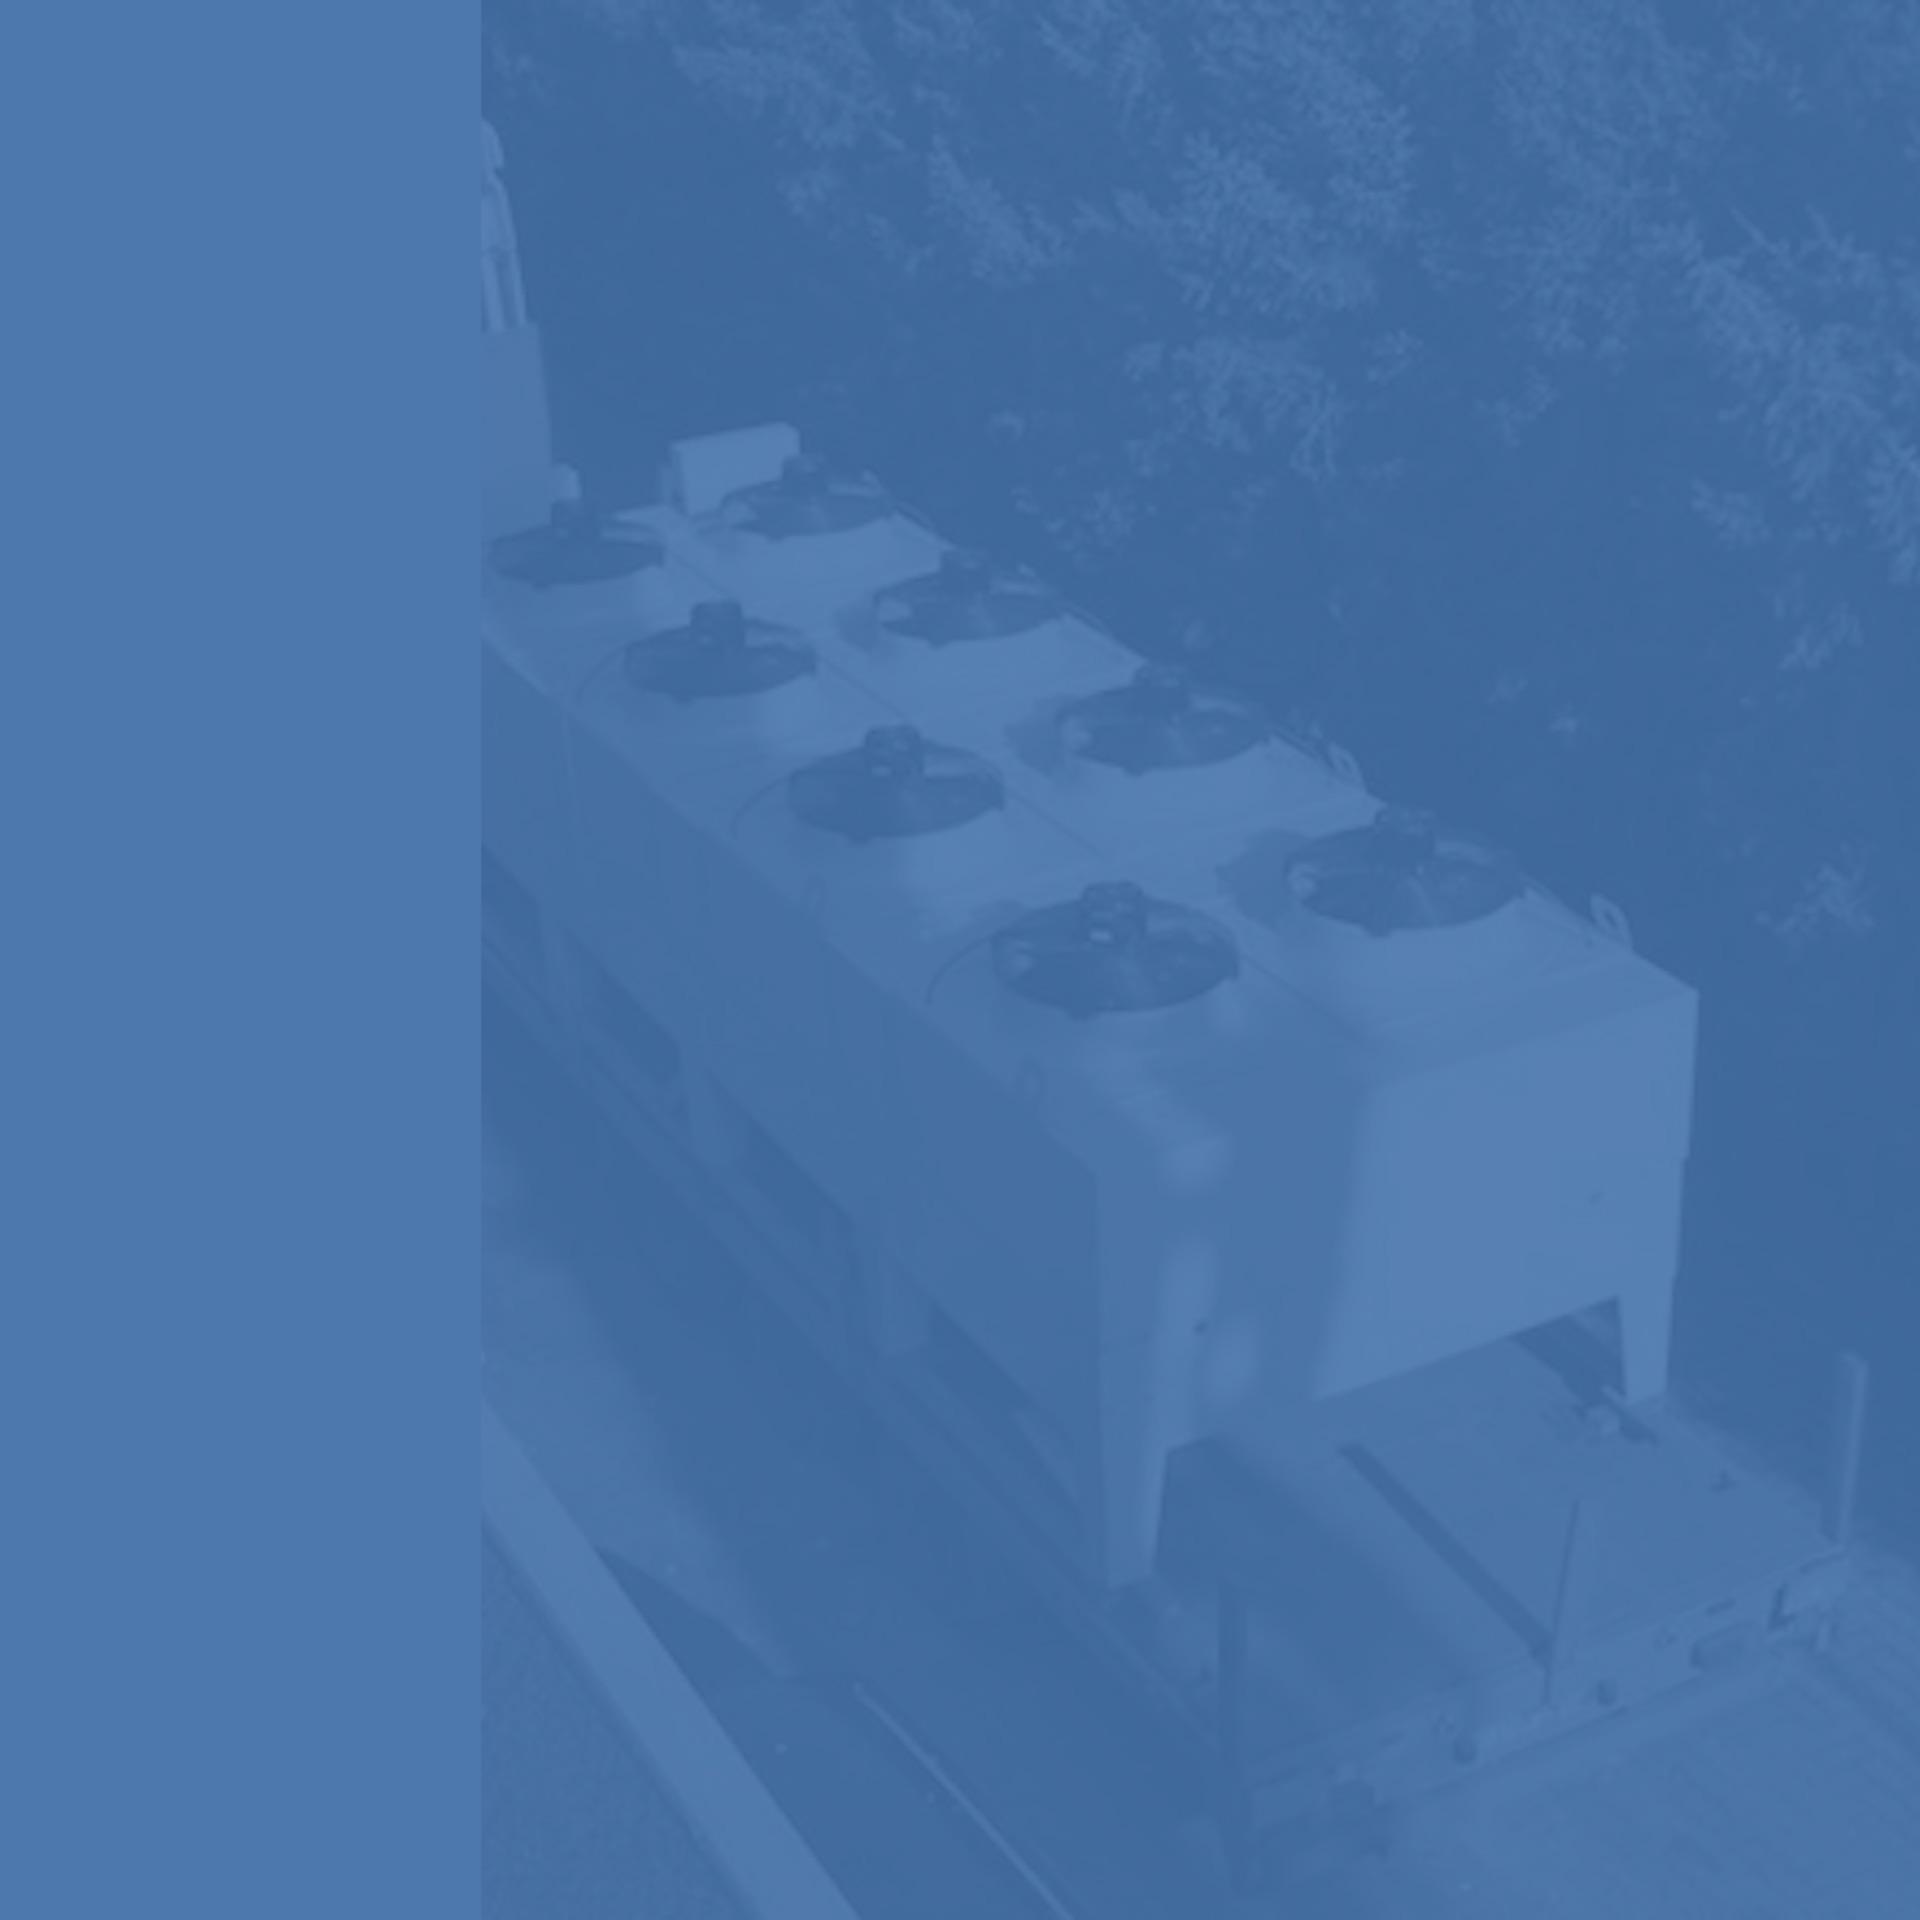 GWA_Kuehlanlagentechnik_Luftkuehler_mit_Ventilator_Metalloy Glykolrueckkuehler_mit_Vorbefeuchtung_Gesellschaft_fuer_Waerme_und_Anlagentechnik_monochrom